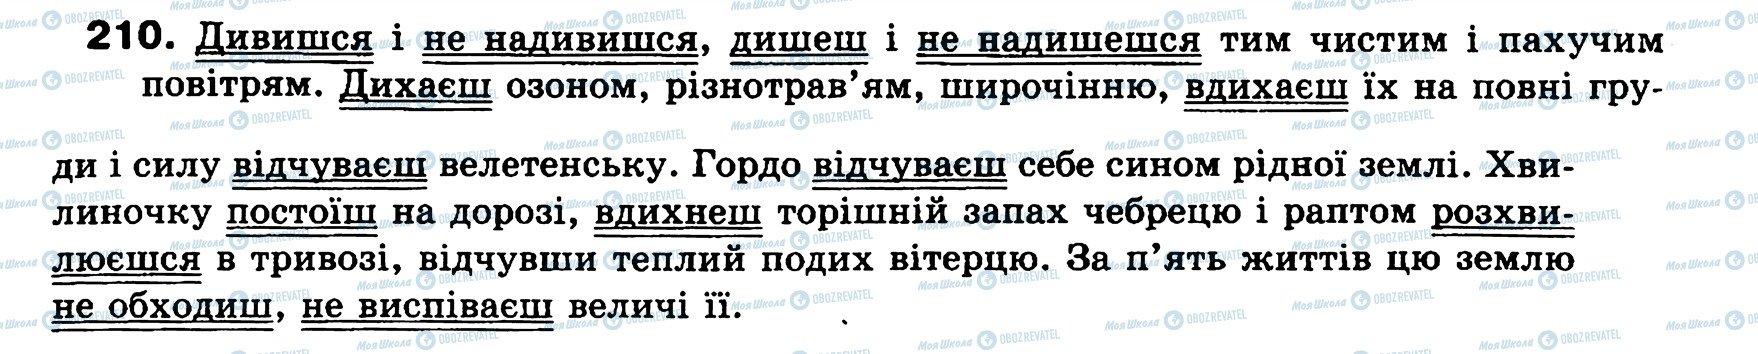 ГДЗ Українська мова 8 клас сторінка 210